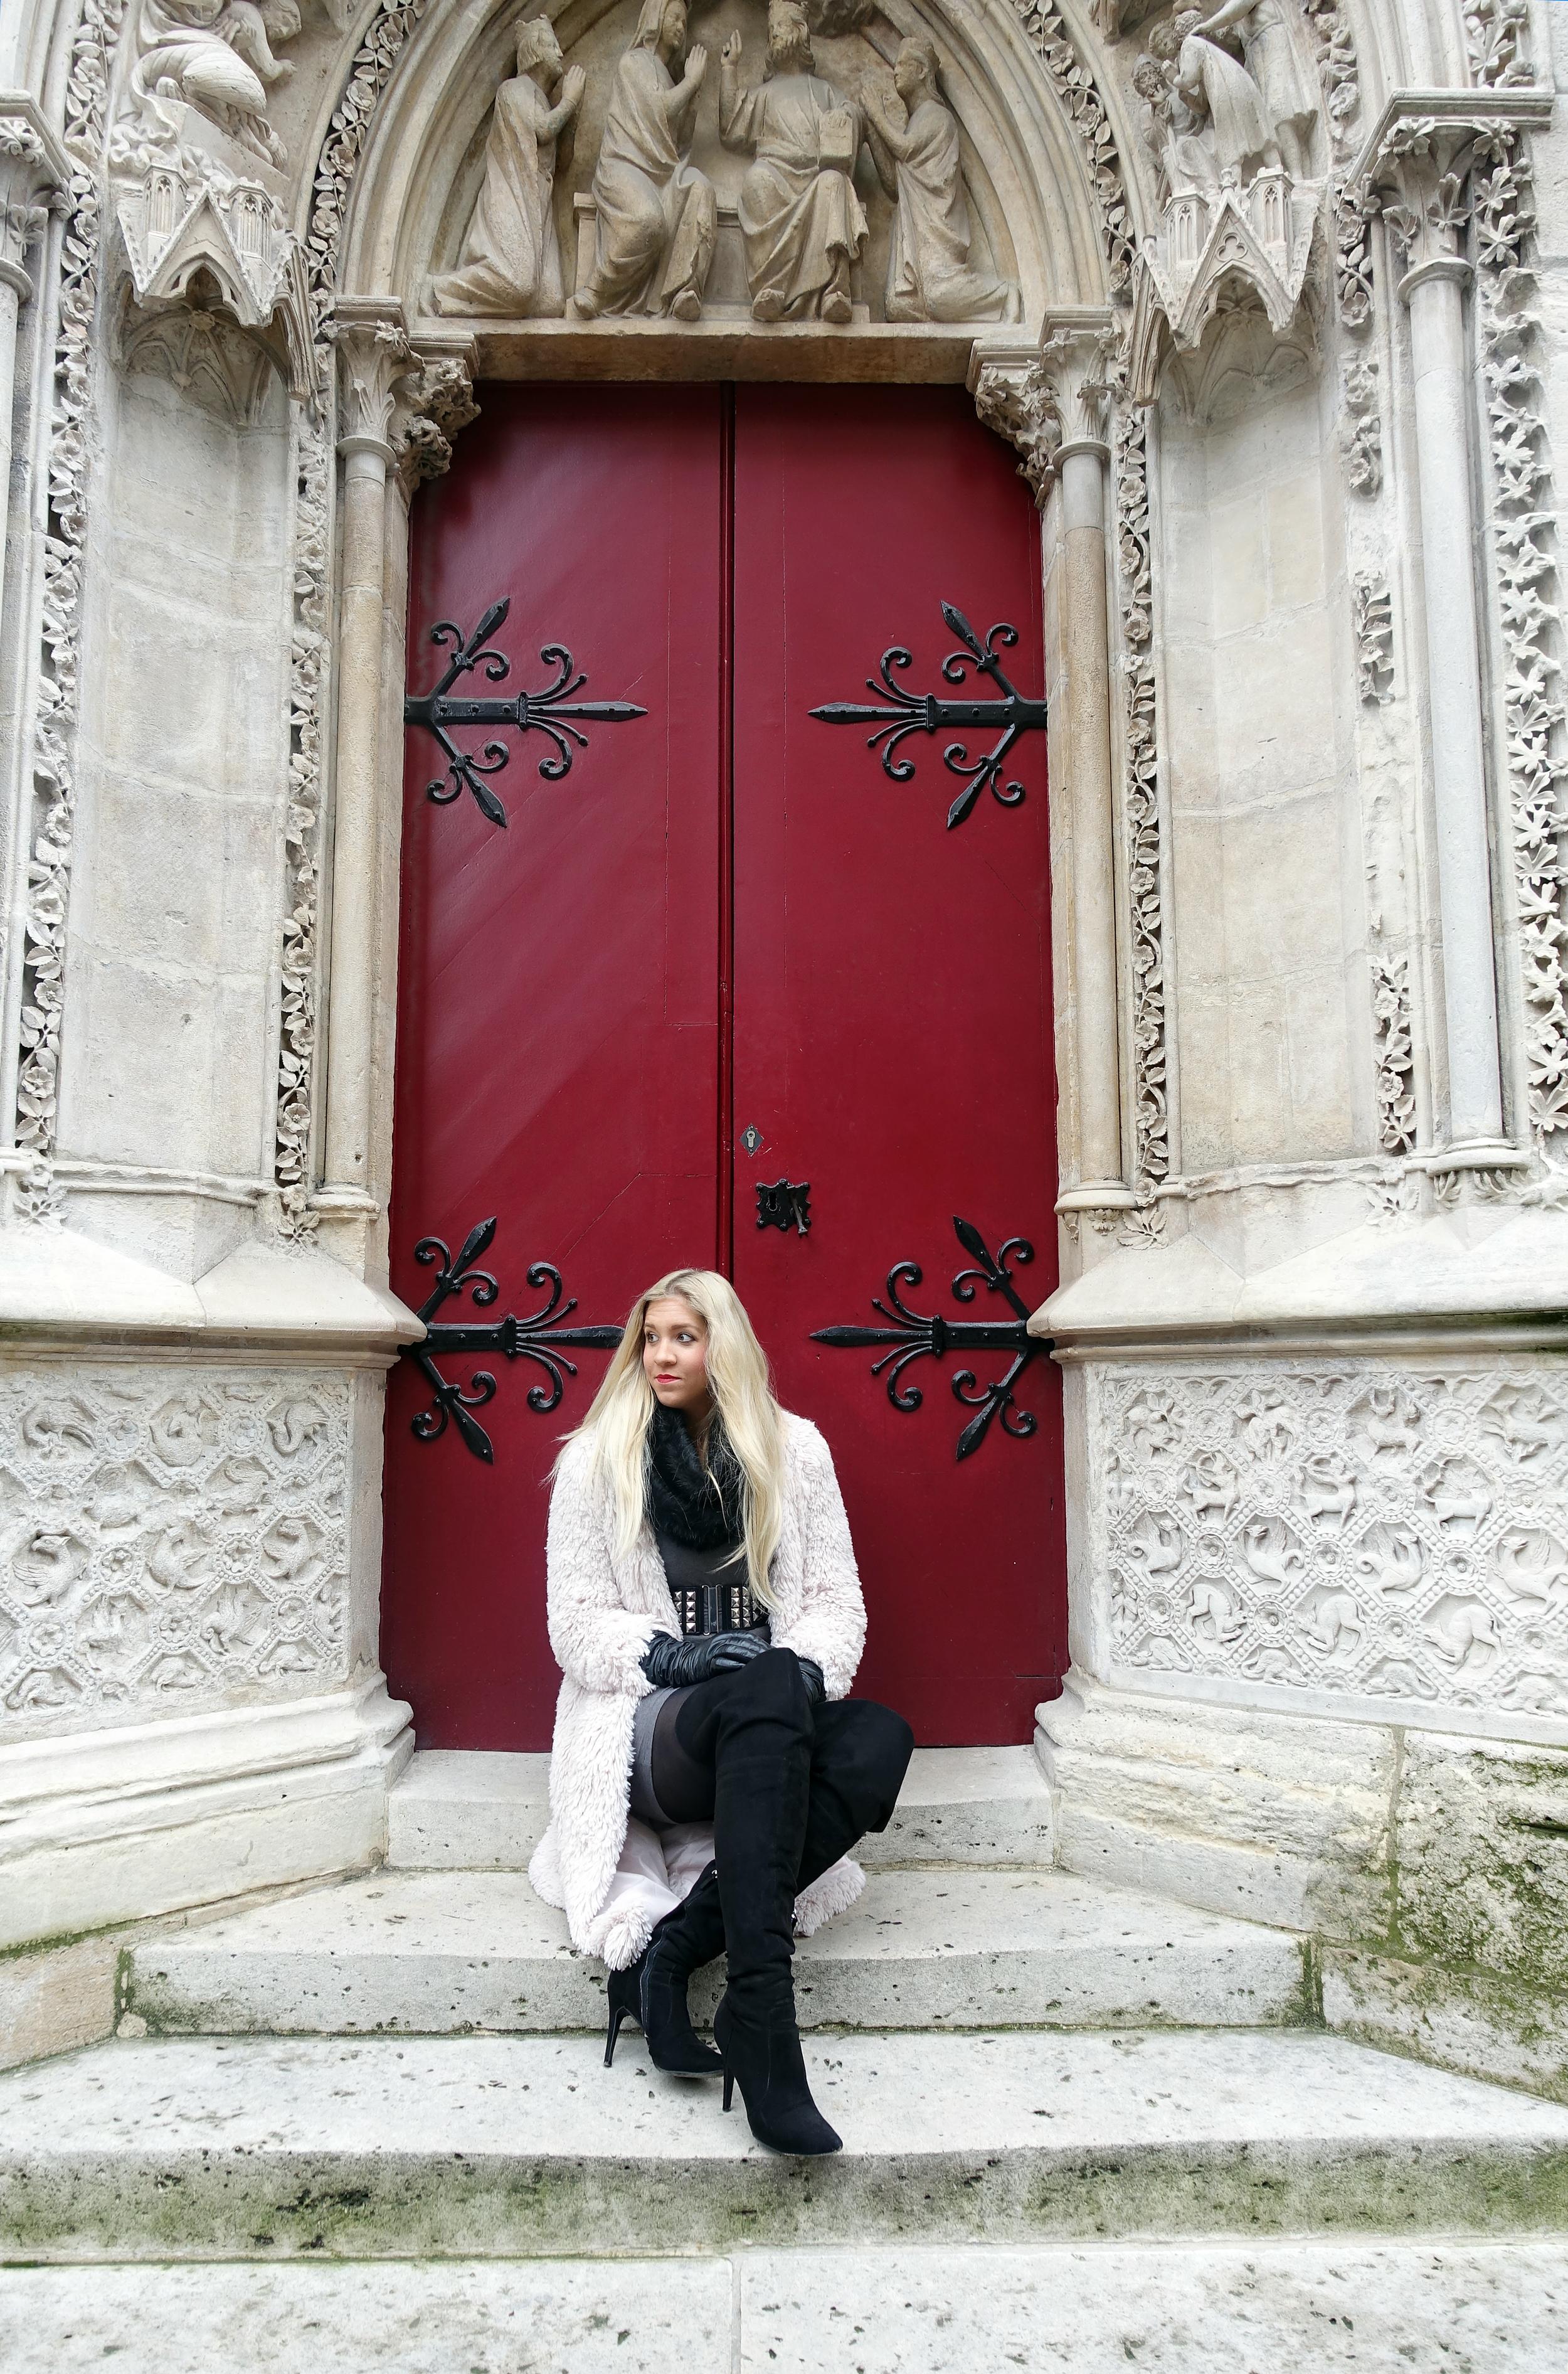 Paris, France 2015